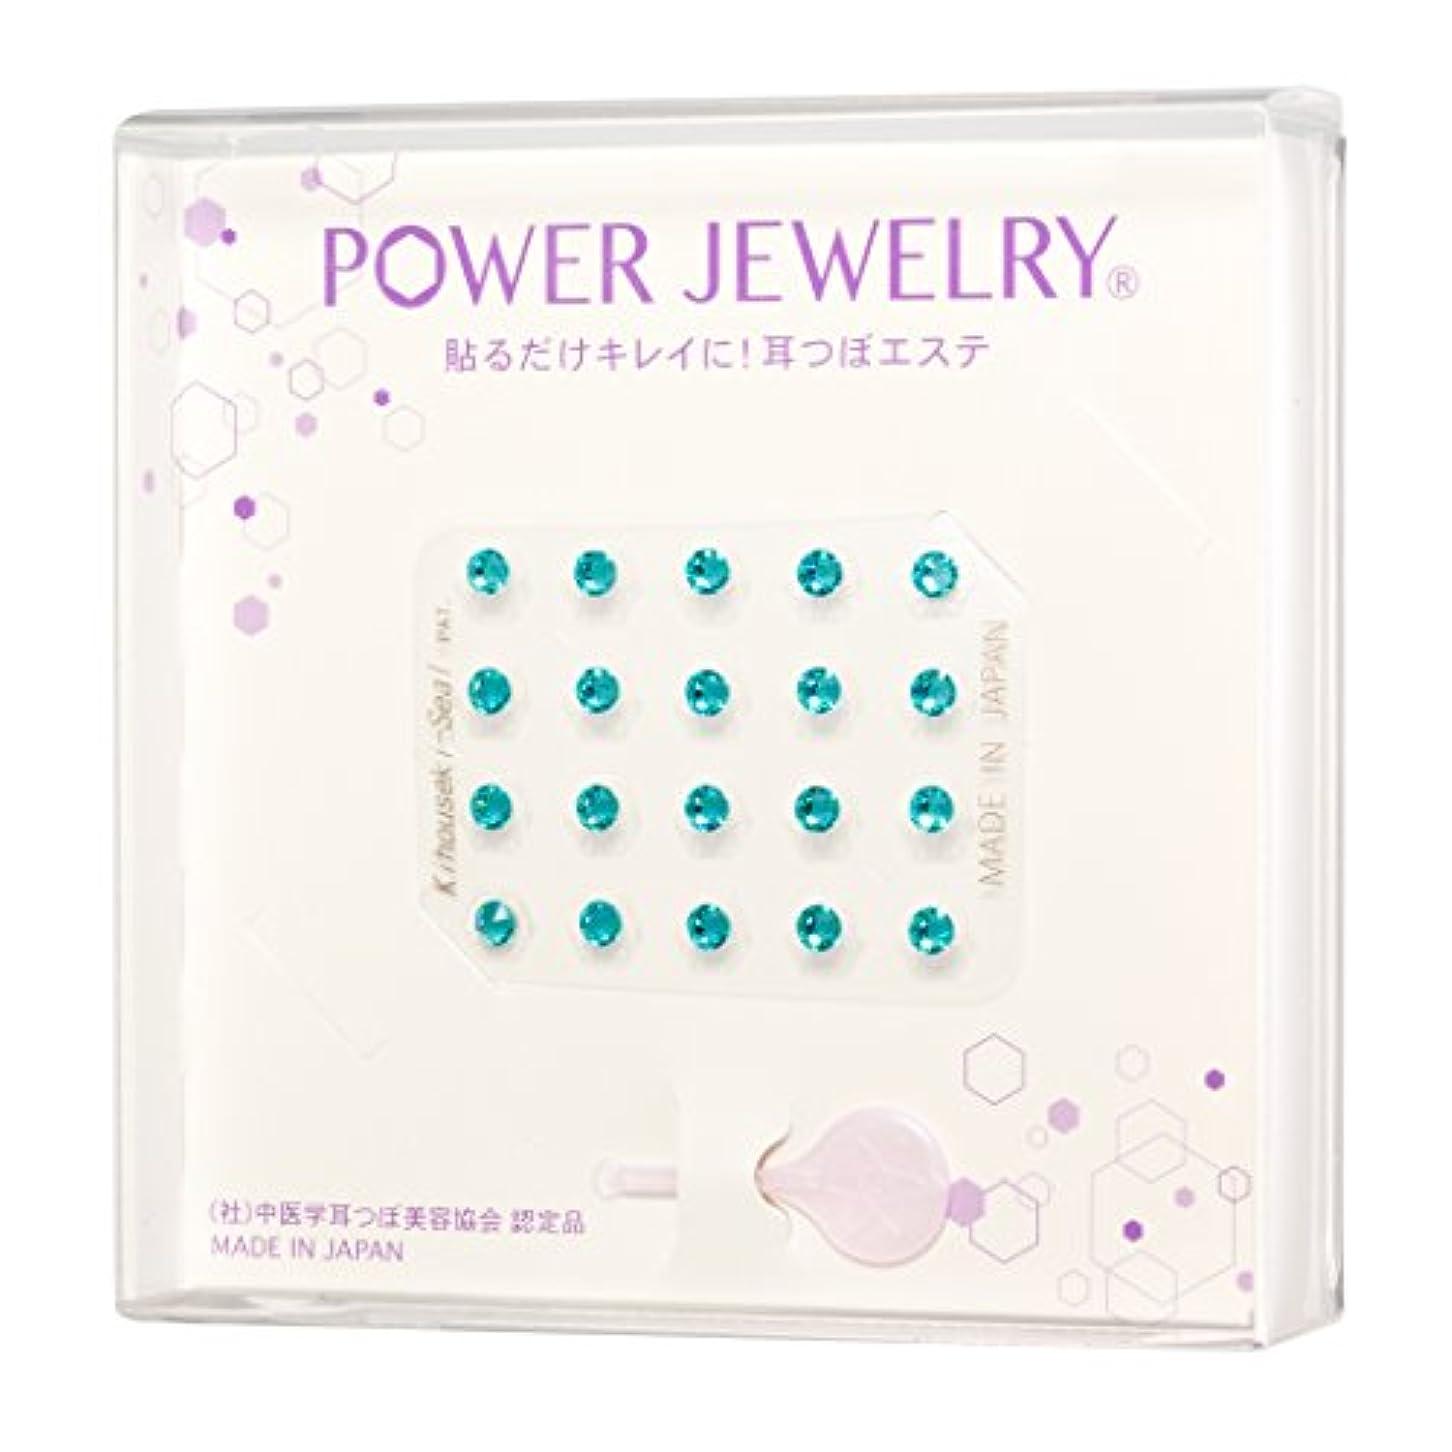 ルール太鼓腹花耳つぼジュエリー POWER JEWELRY(トルコ石)20個入り、12月誕生石カラー